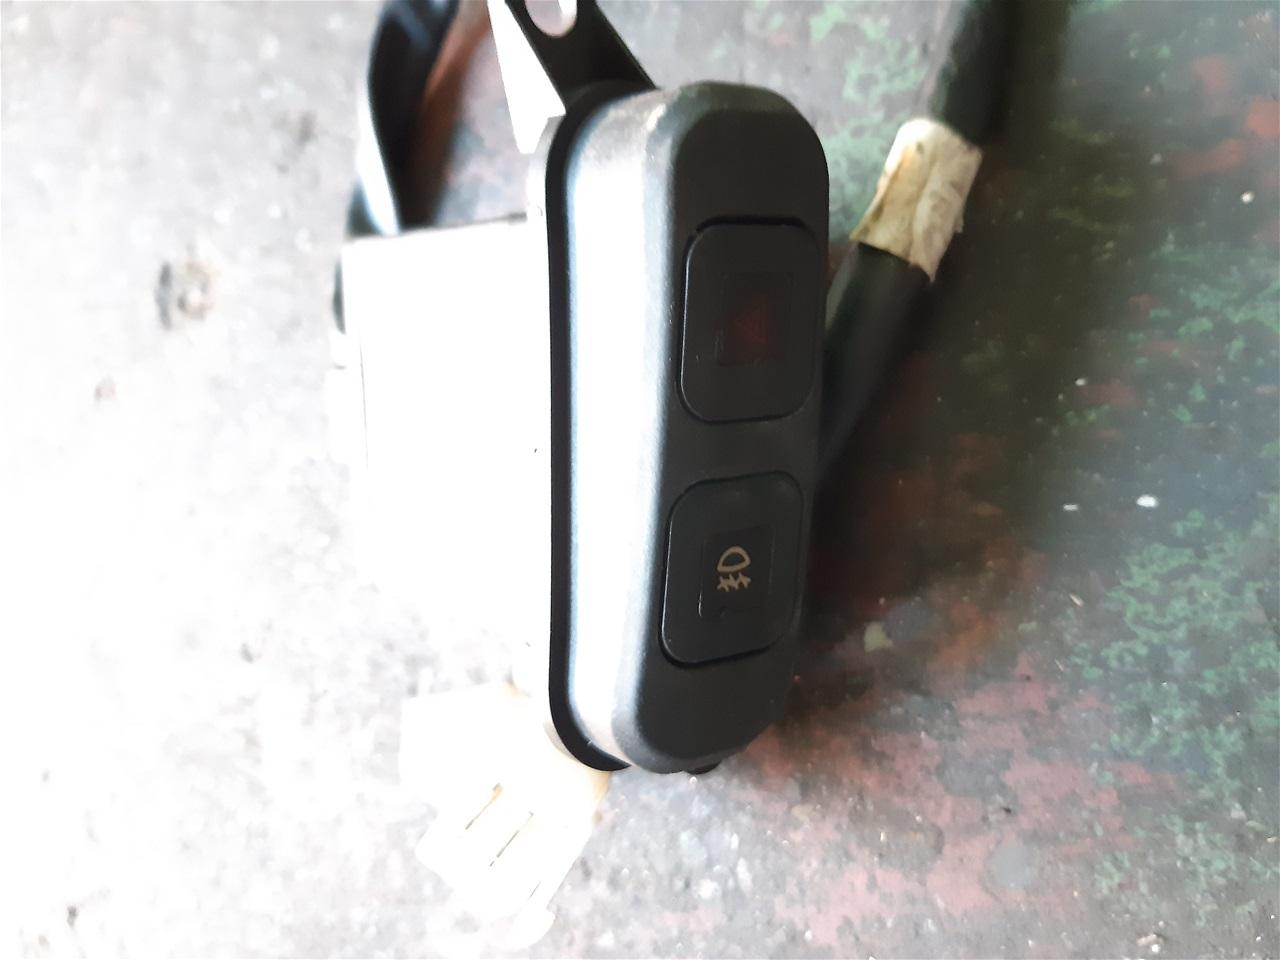 AA13.28 Sym GTS 300 i EVO Hazards switch